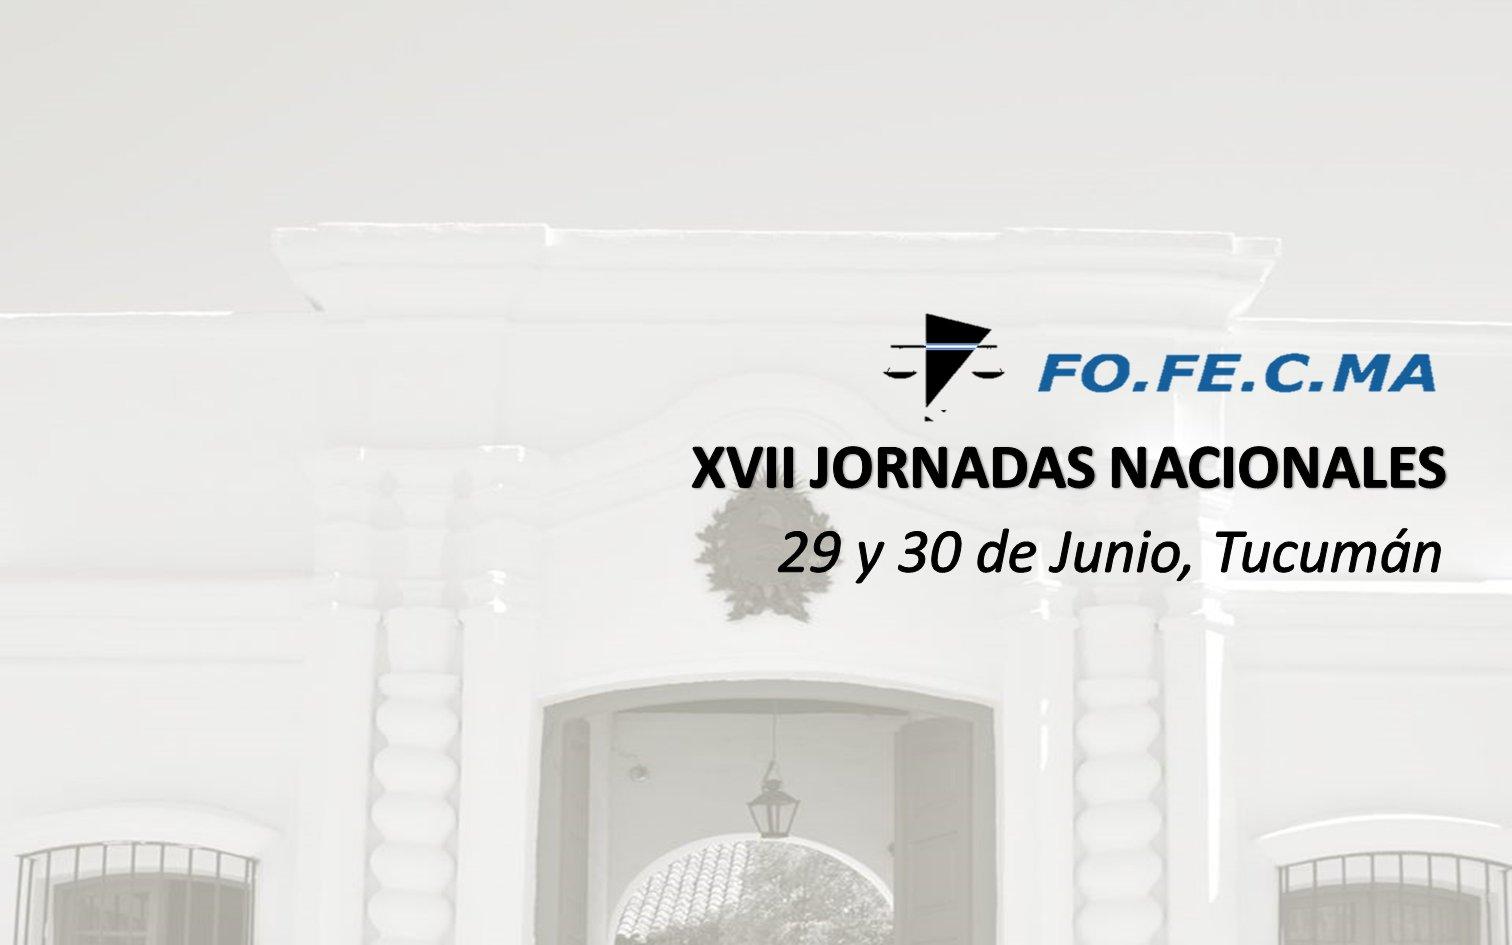 El 29 y 30 de Junio se llevarán a cabo las XVII Jornadas Nacionales del FOFECMA. Programa: https://t.co/zoEADJZOQT https://t.co/RHFMuPVXPf